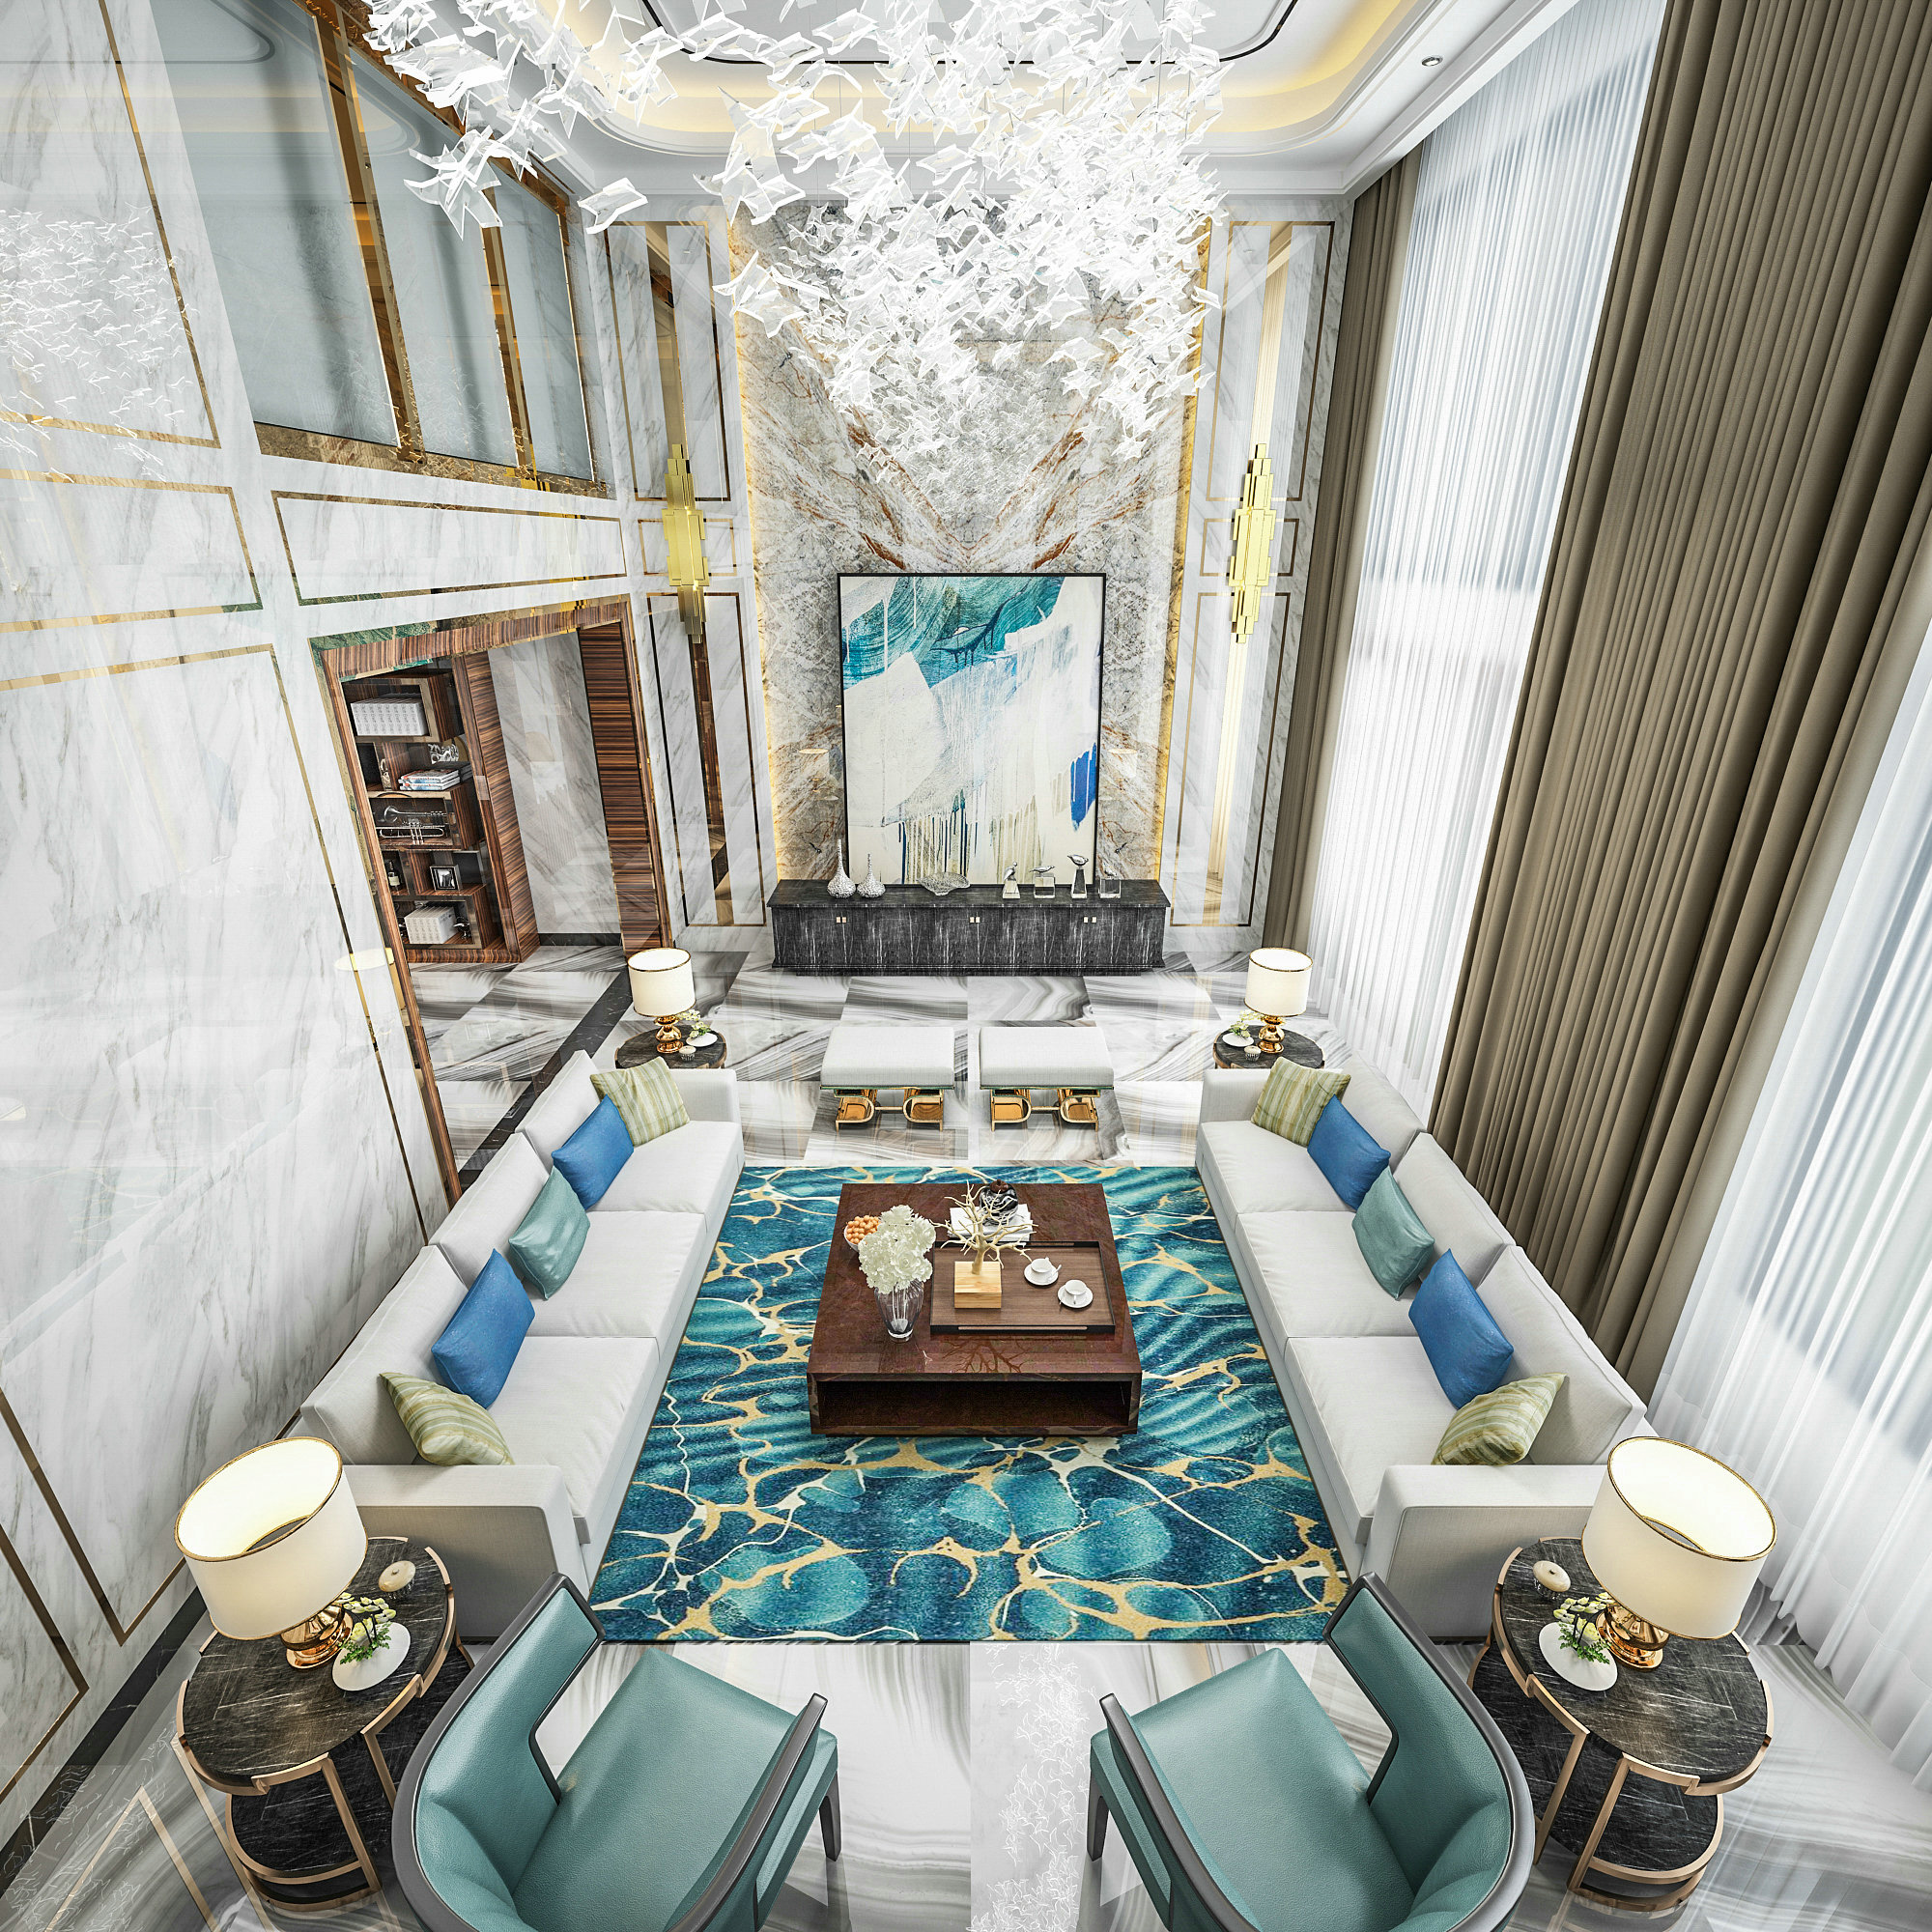 联恒名人世 别墅装修 现代风格 腾龙设计 客厅图片来自孔继民在恒联名人世家别墅装修现代风格的分享